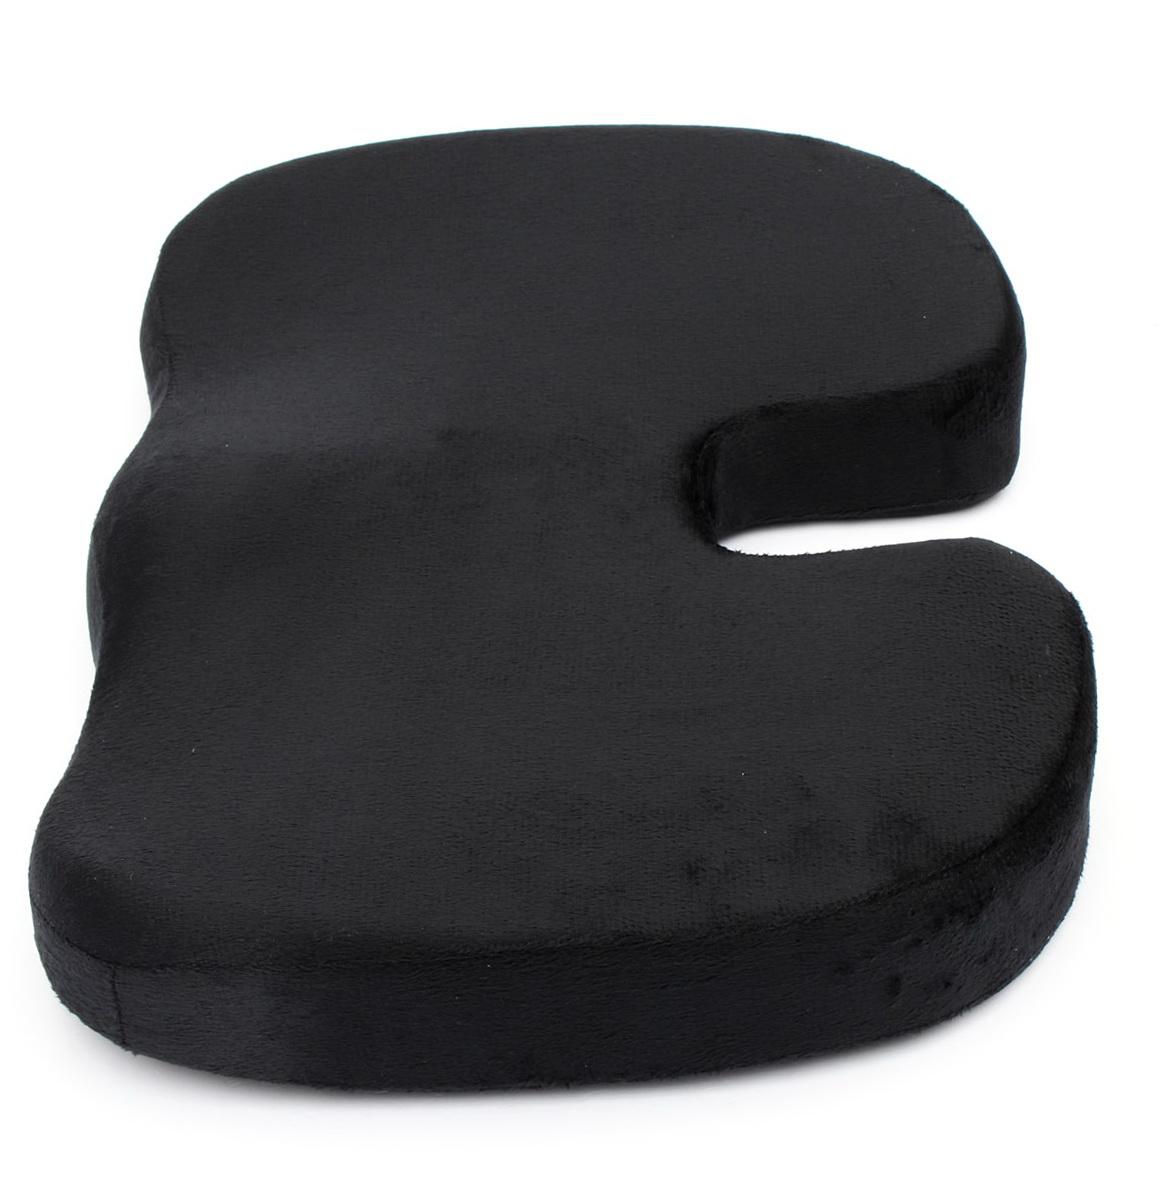 memory foam office chair cushion home design ideas